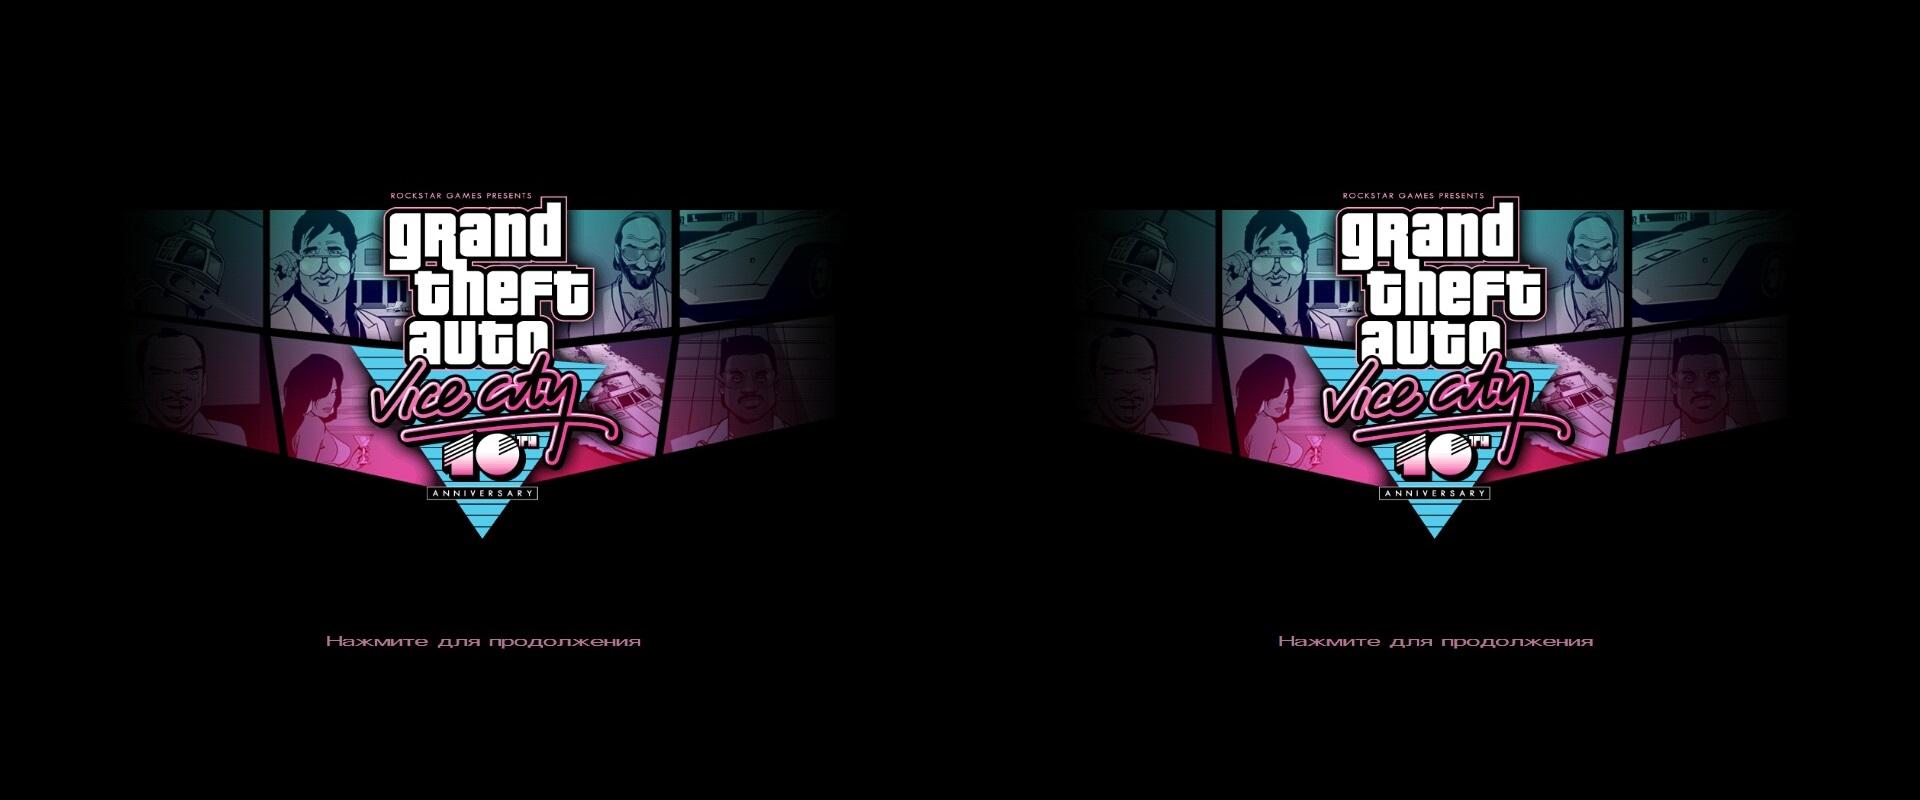 3D VR BOX APK Download Free - appjap.com